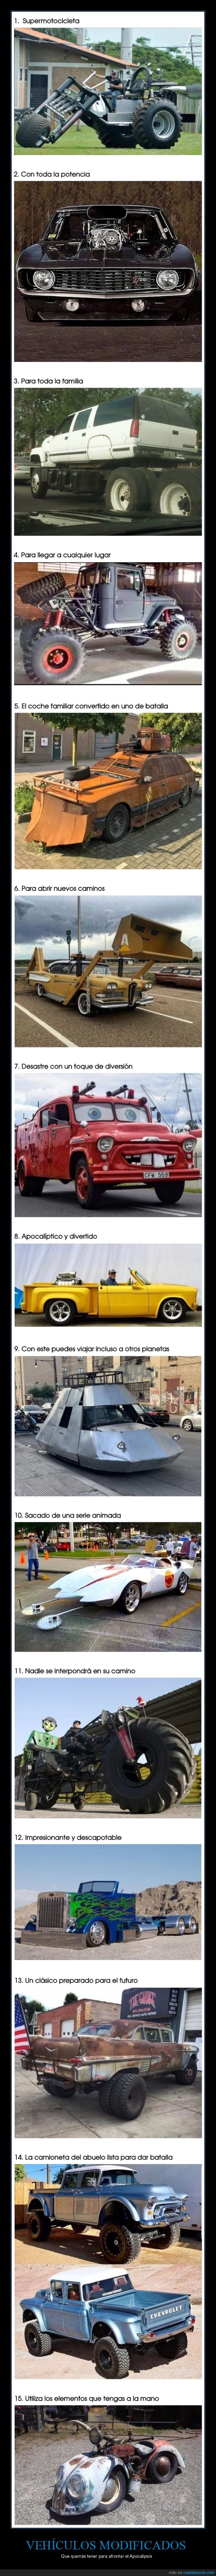 apocalipsis,coches,modificados,tuning,vehículos